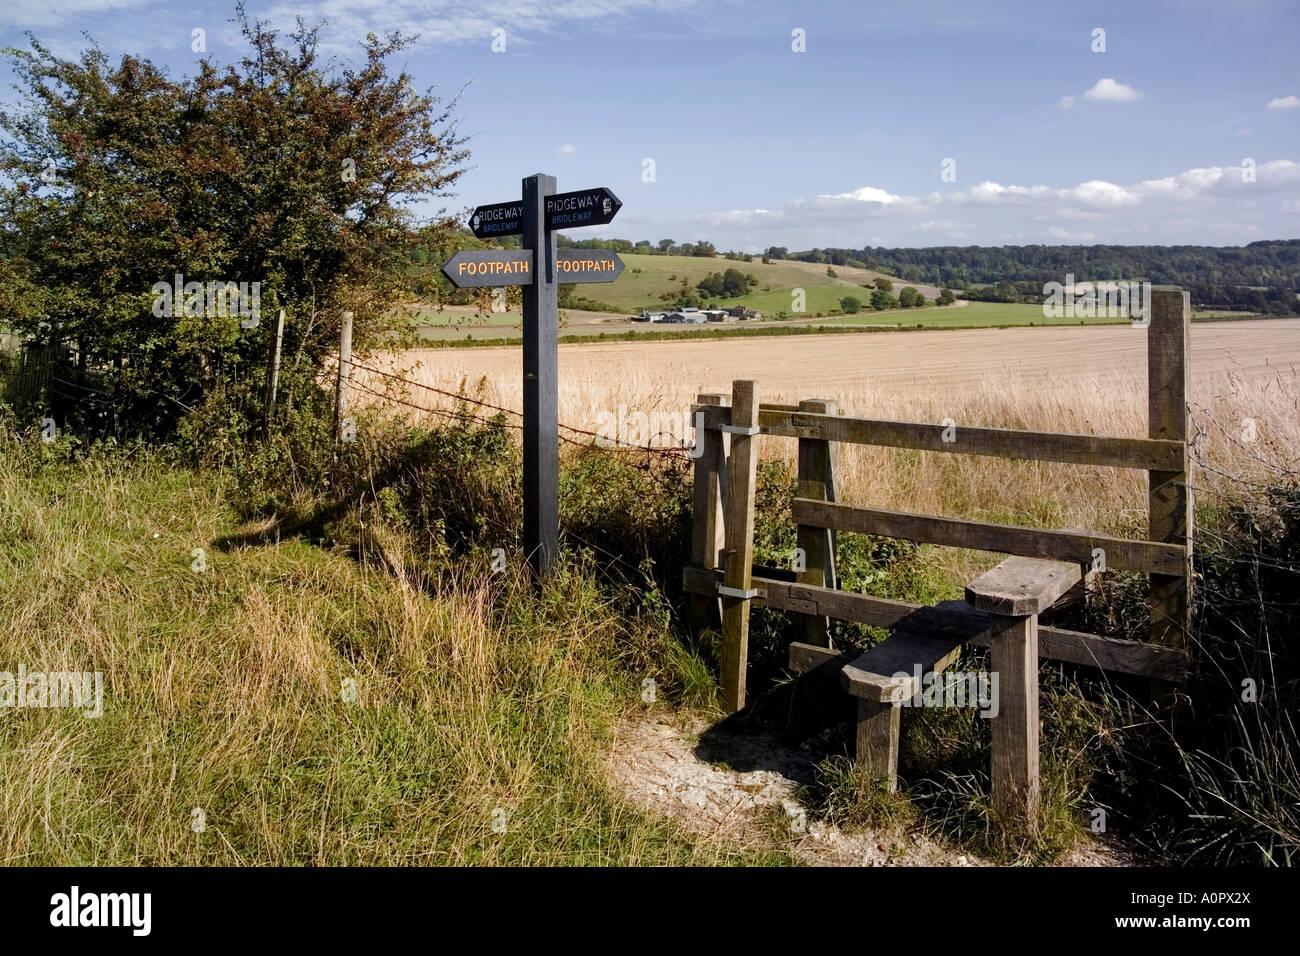 Stile on the Ridgeway Path Pitstone Hill Chilterns Buckinghamshire England United Kingdom Europe - Stock Image